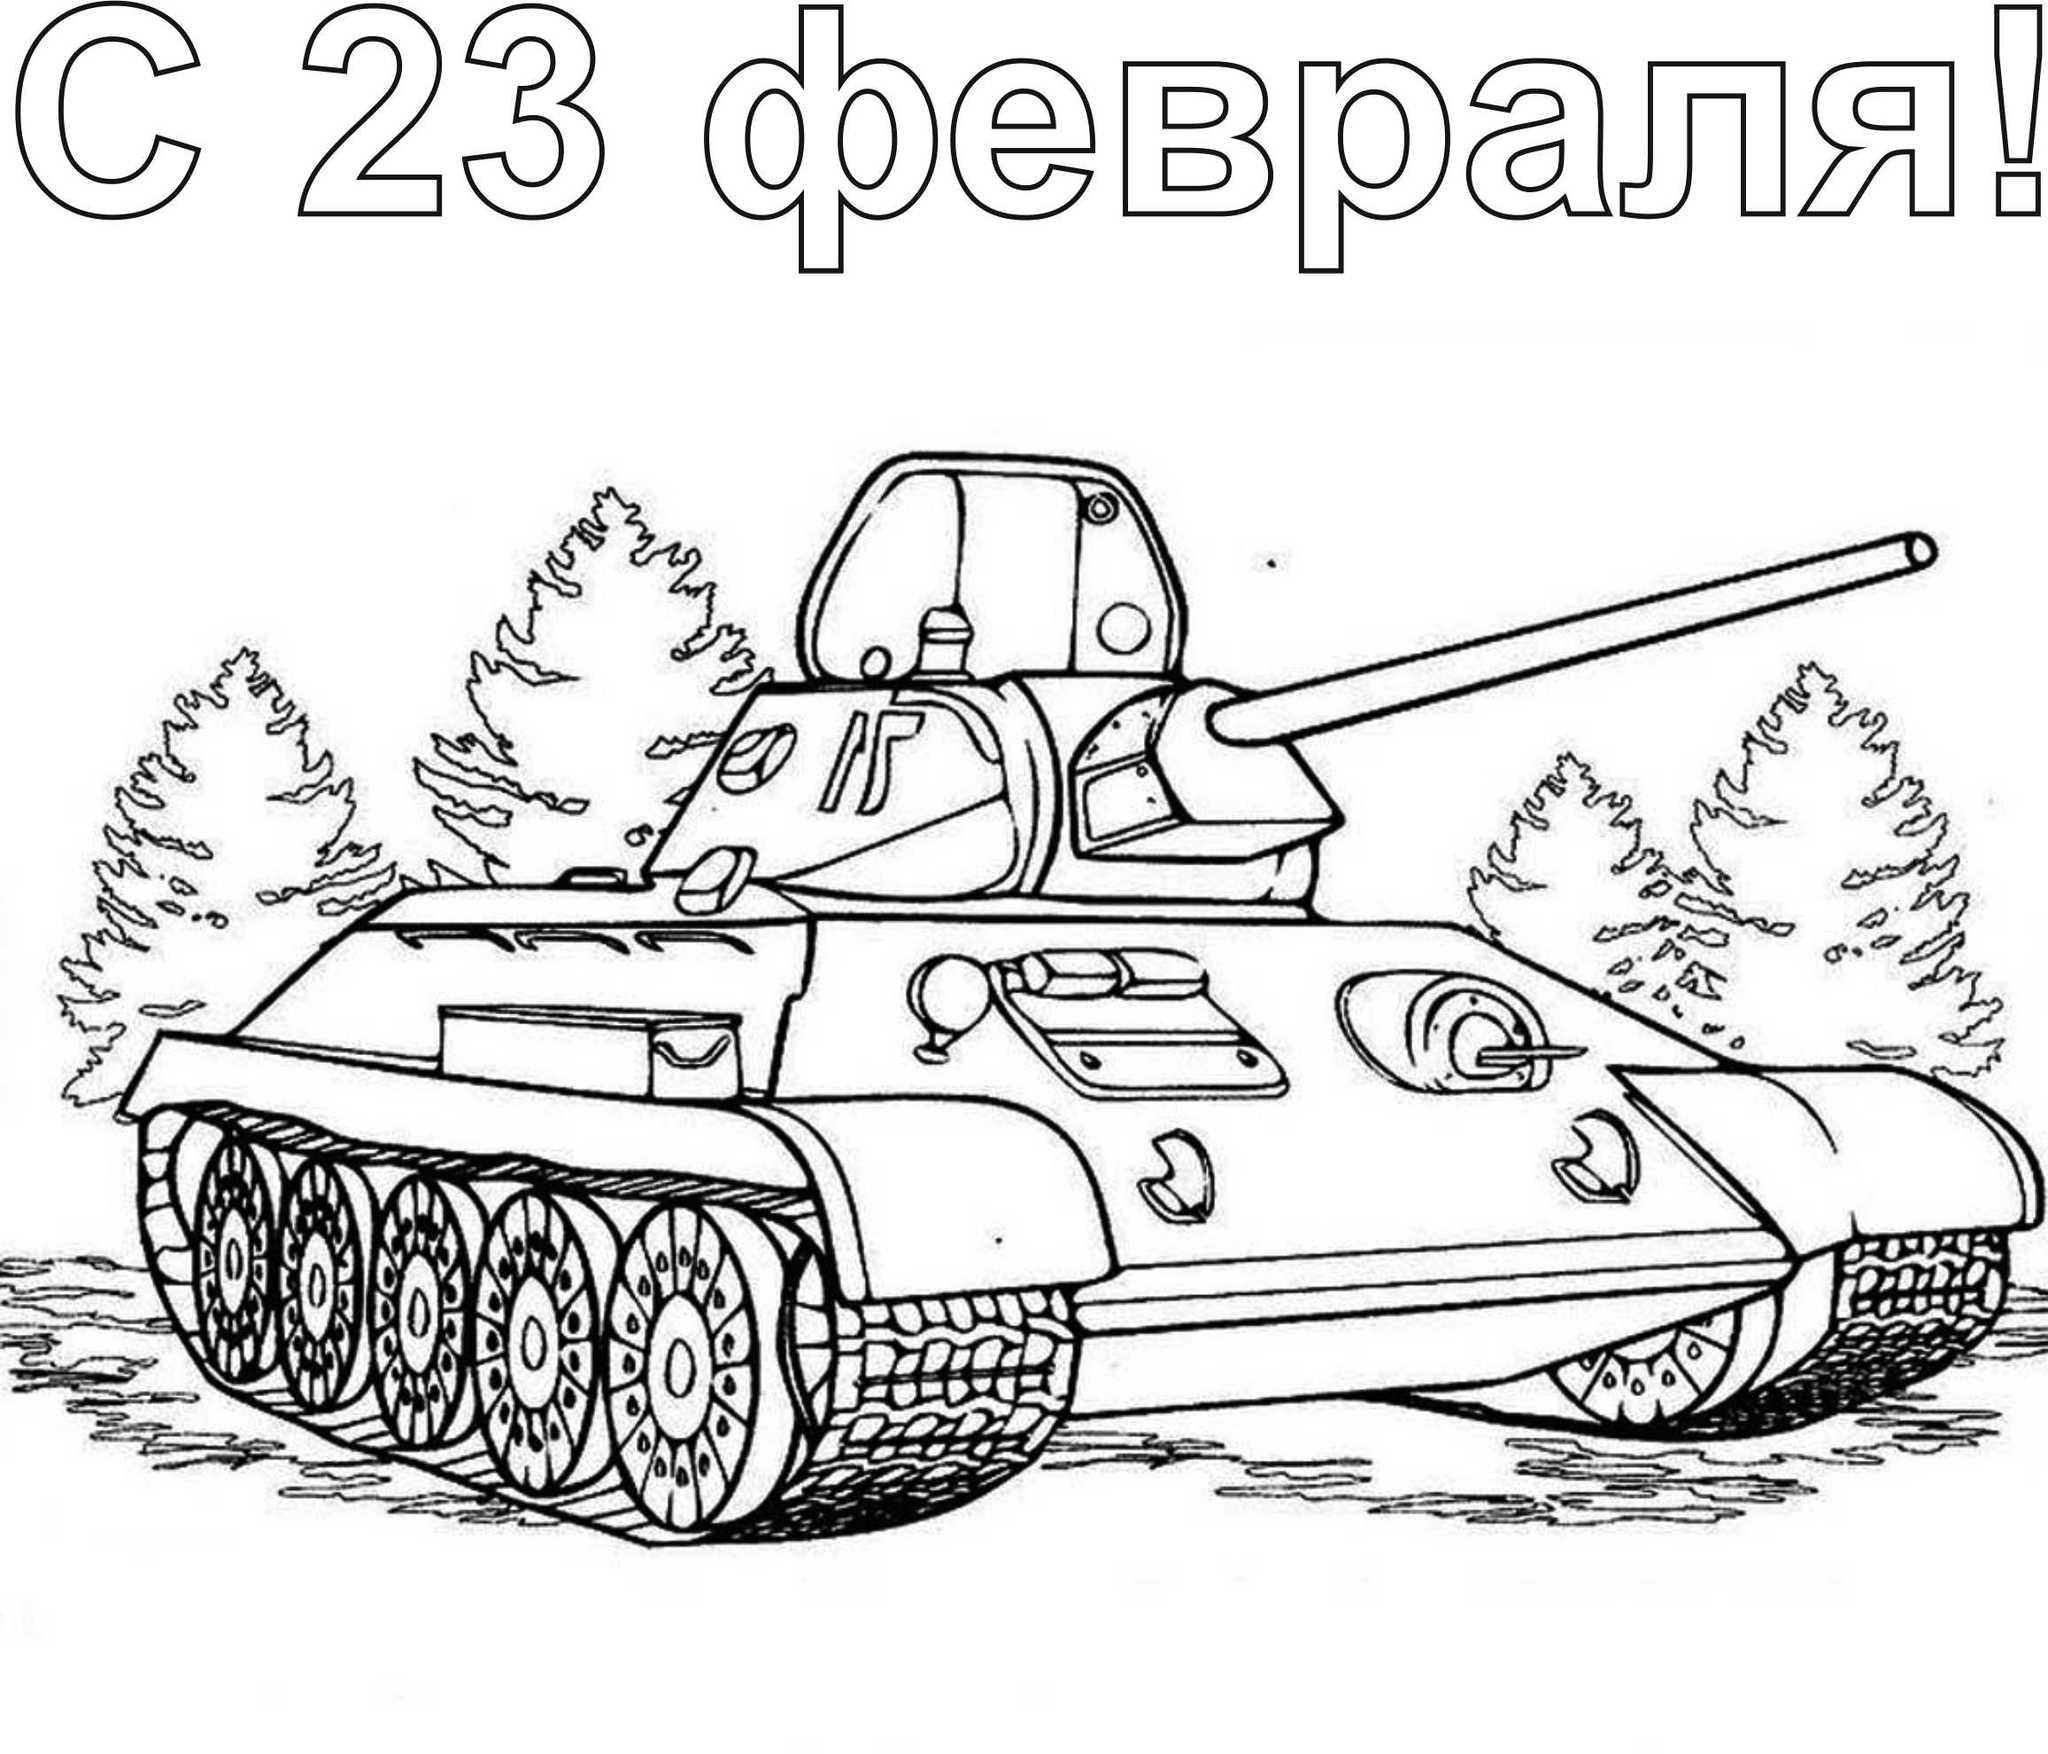 Контрольная работа по истории (Раздел 4. СССР во второй мировой и Великой отечественной войне 1941-1945 годов).